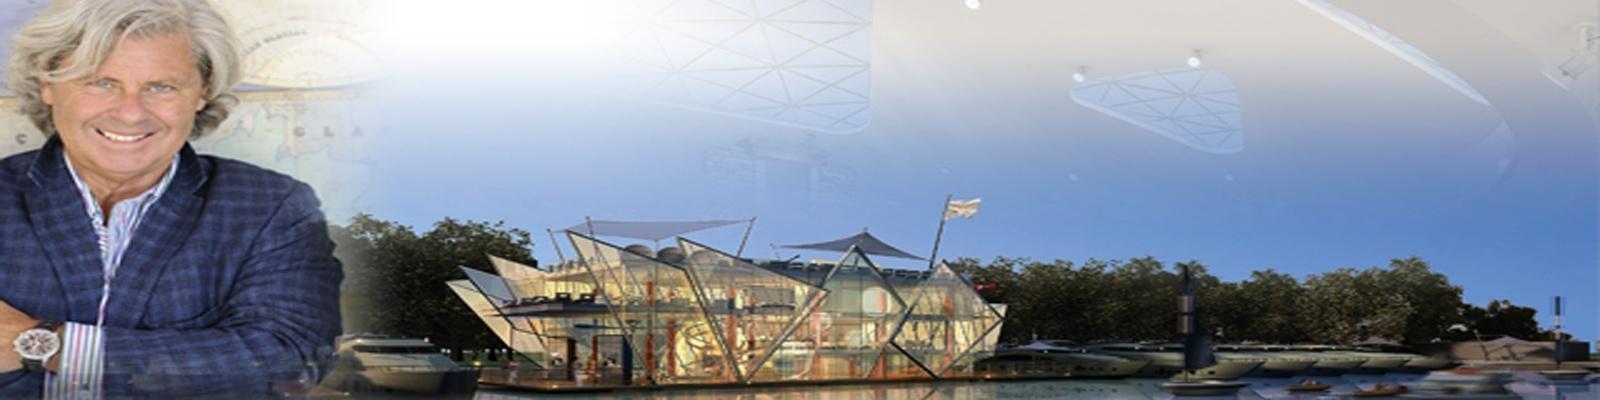 الرمزية في التصميم المعماري وطريق الحرير الجديد للمعماري العالمي جان بيير هايم